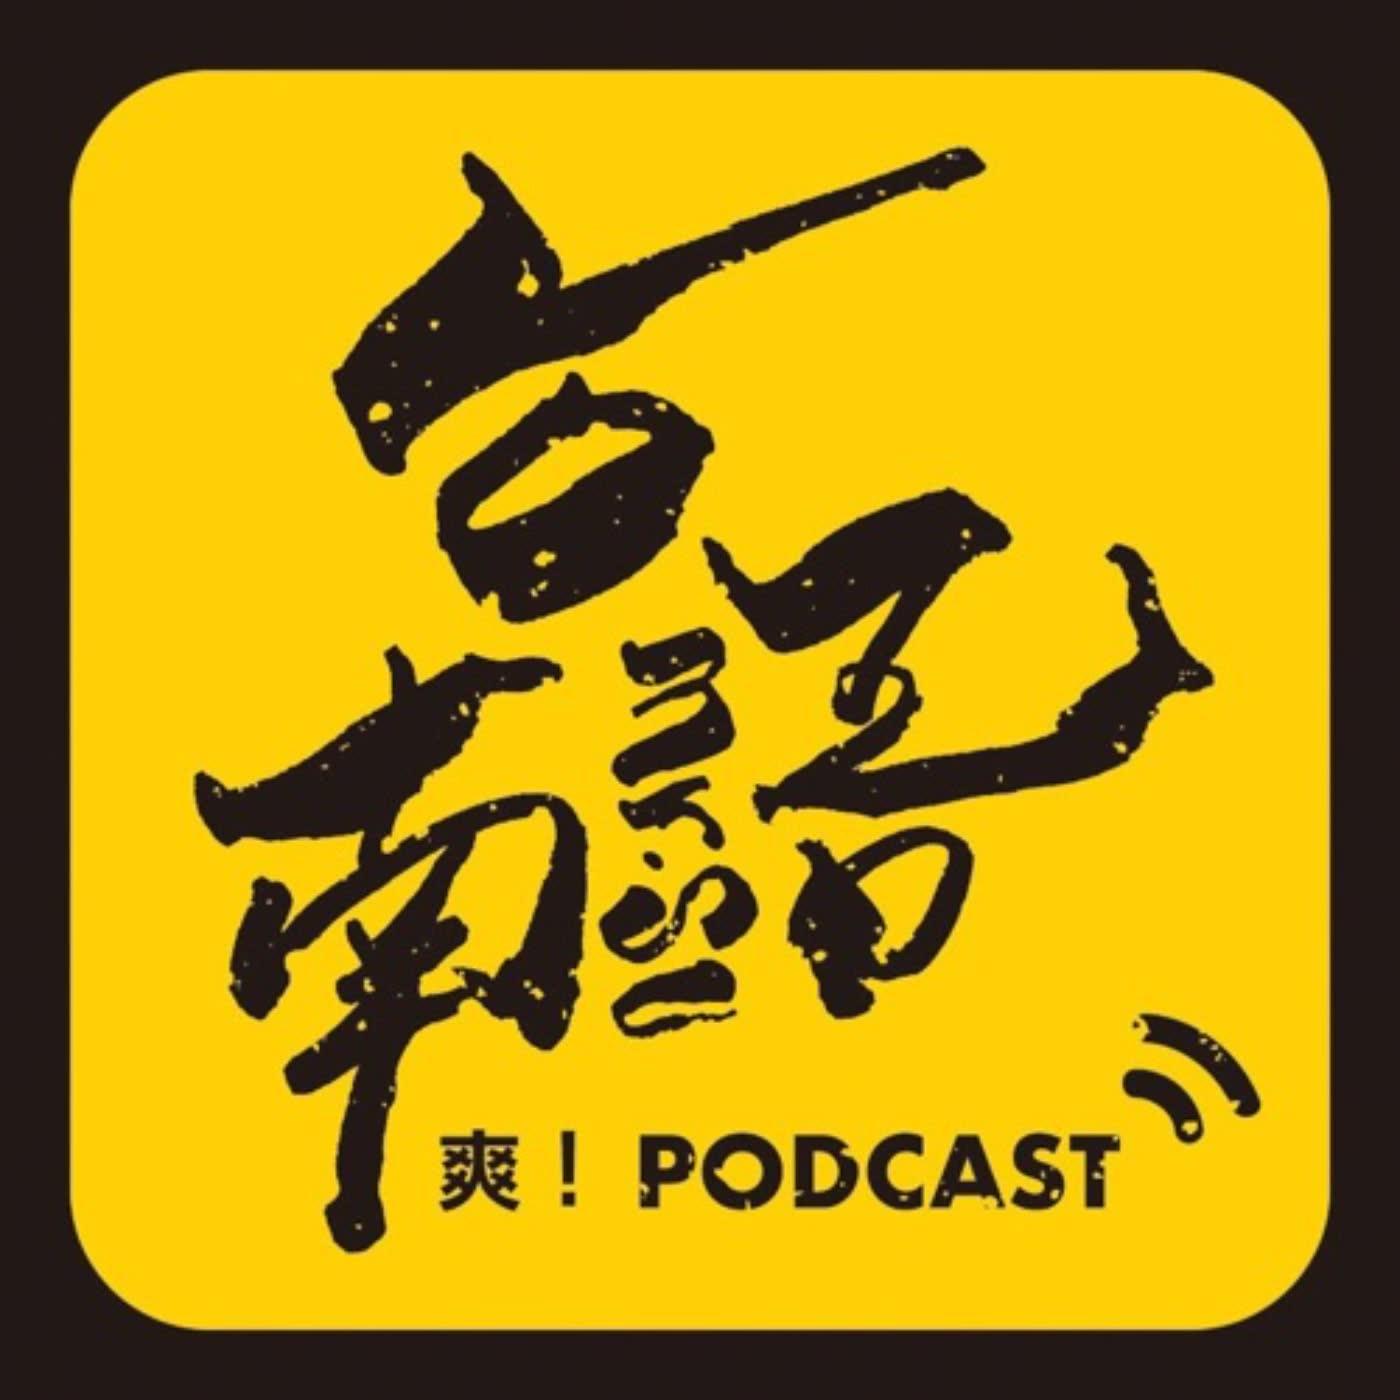 台南語     爽!Podcast